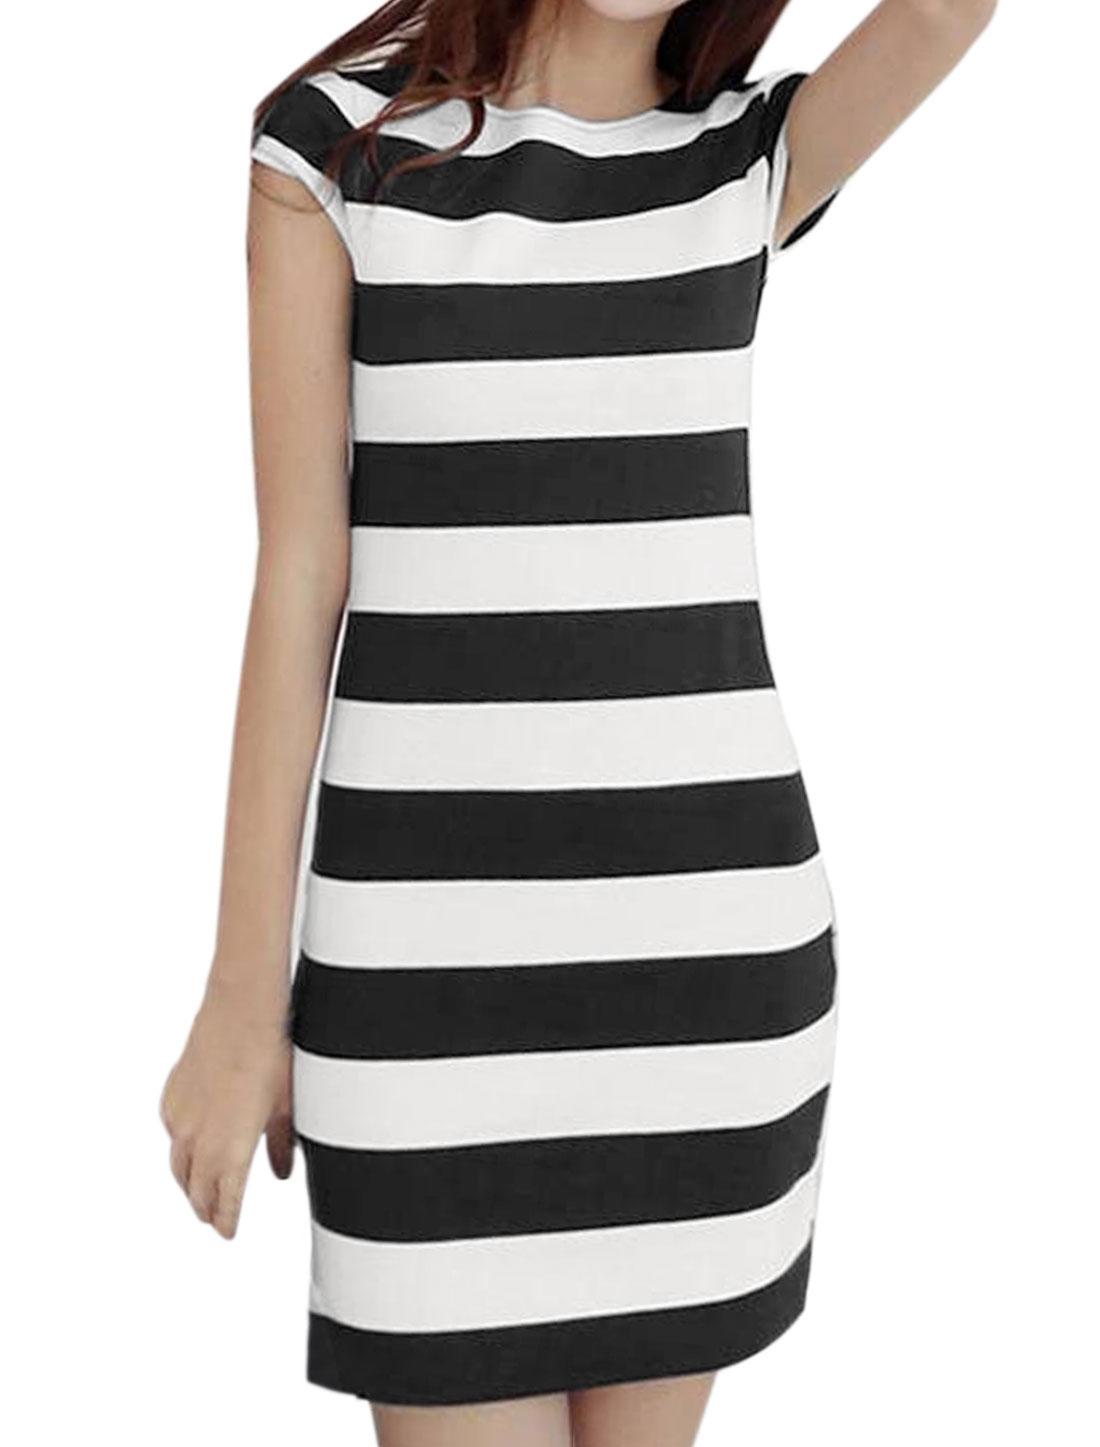 Women Crew Neck Open Back Short Sleeves Stripes Mini Dress White Black S